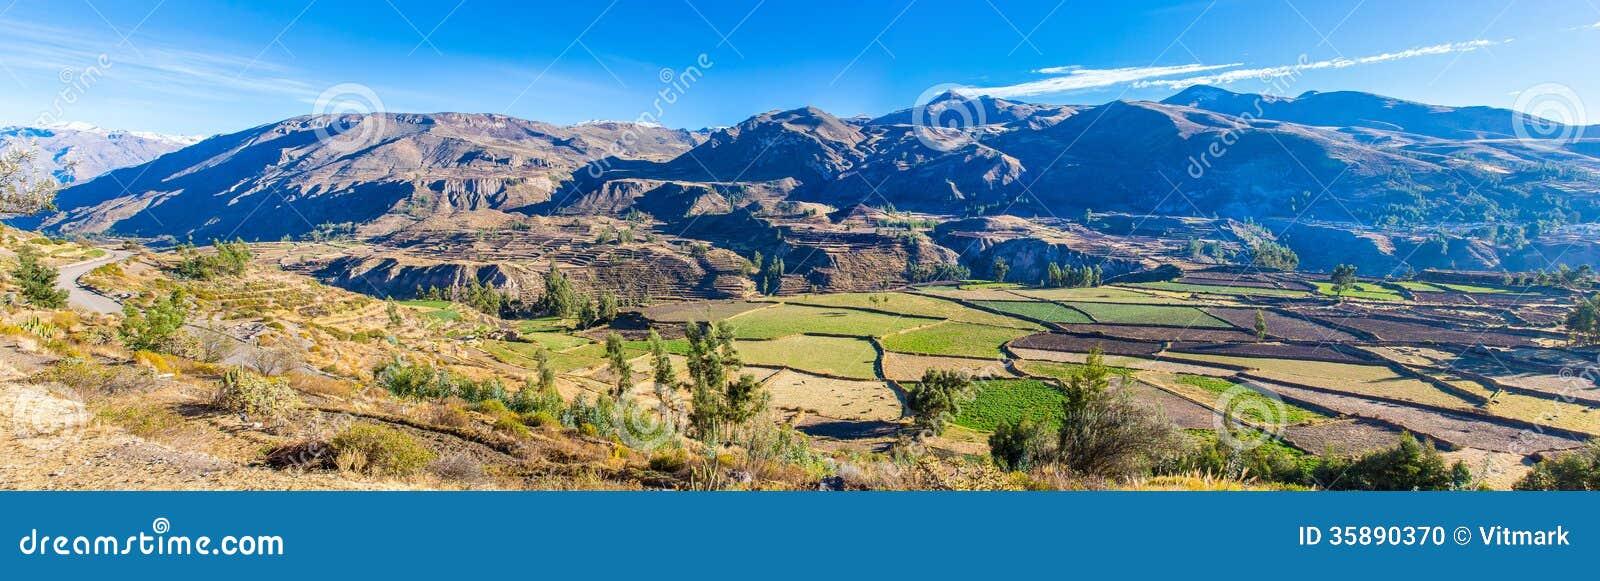 Panorama van Colca-Canion, Peru, Zuid-Amerika.  Incas om de Landbouwterrassen met Vijver en Klip te bouwen.